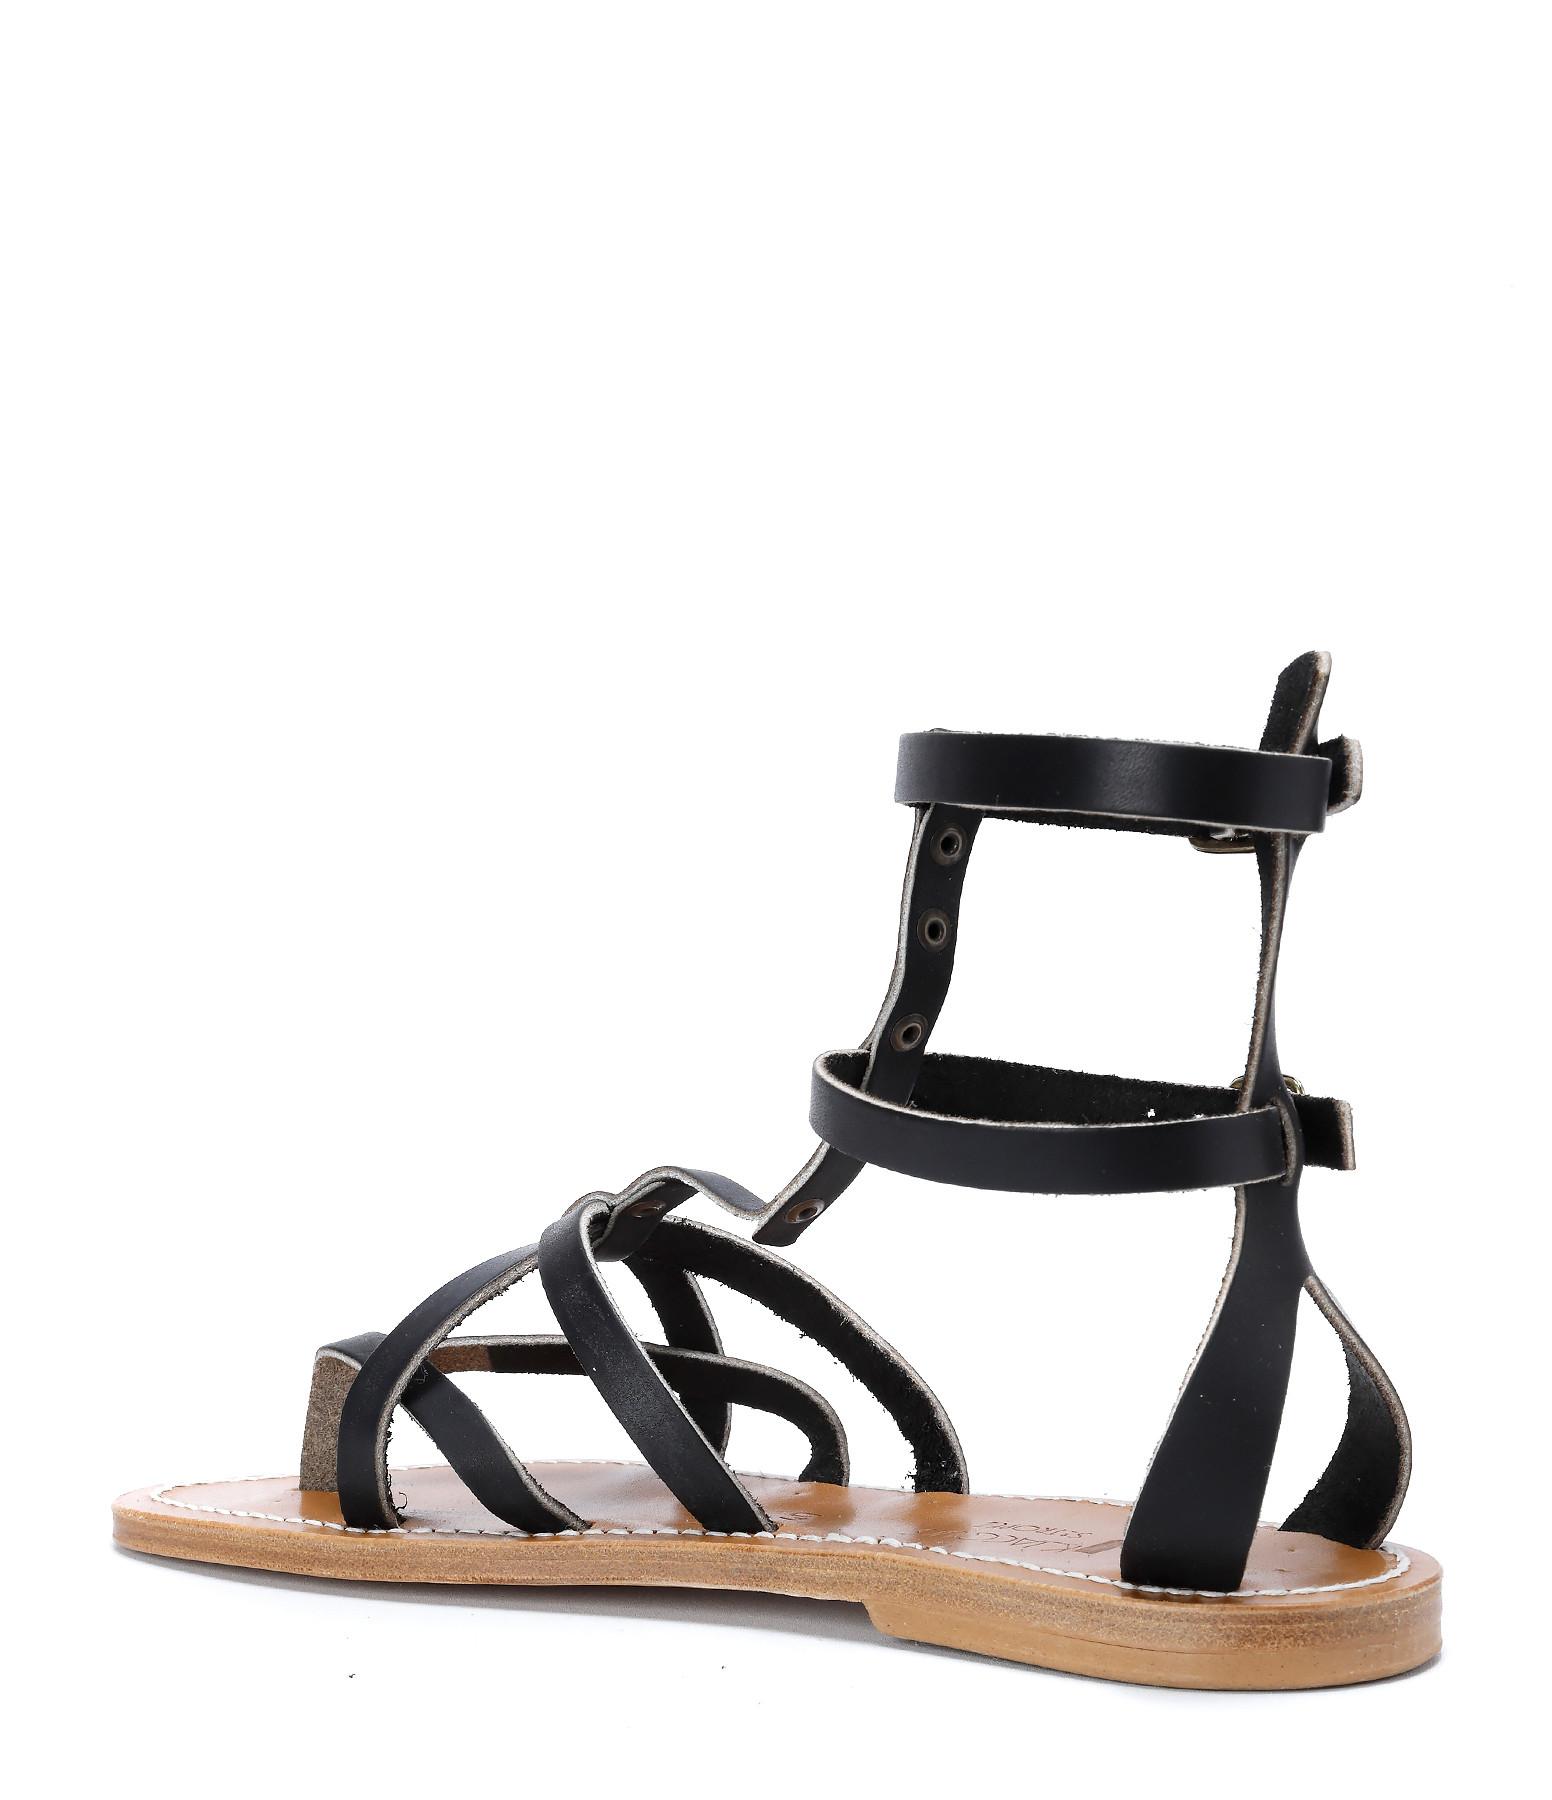 K JACQUES - Sandales Peryton Pul Noir Bronze